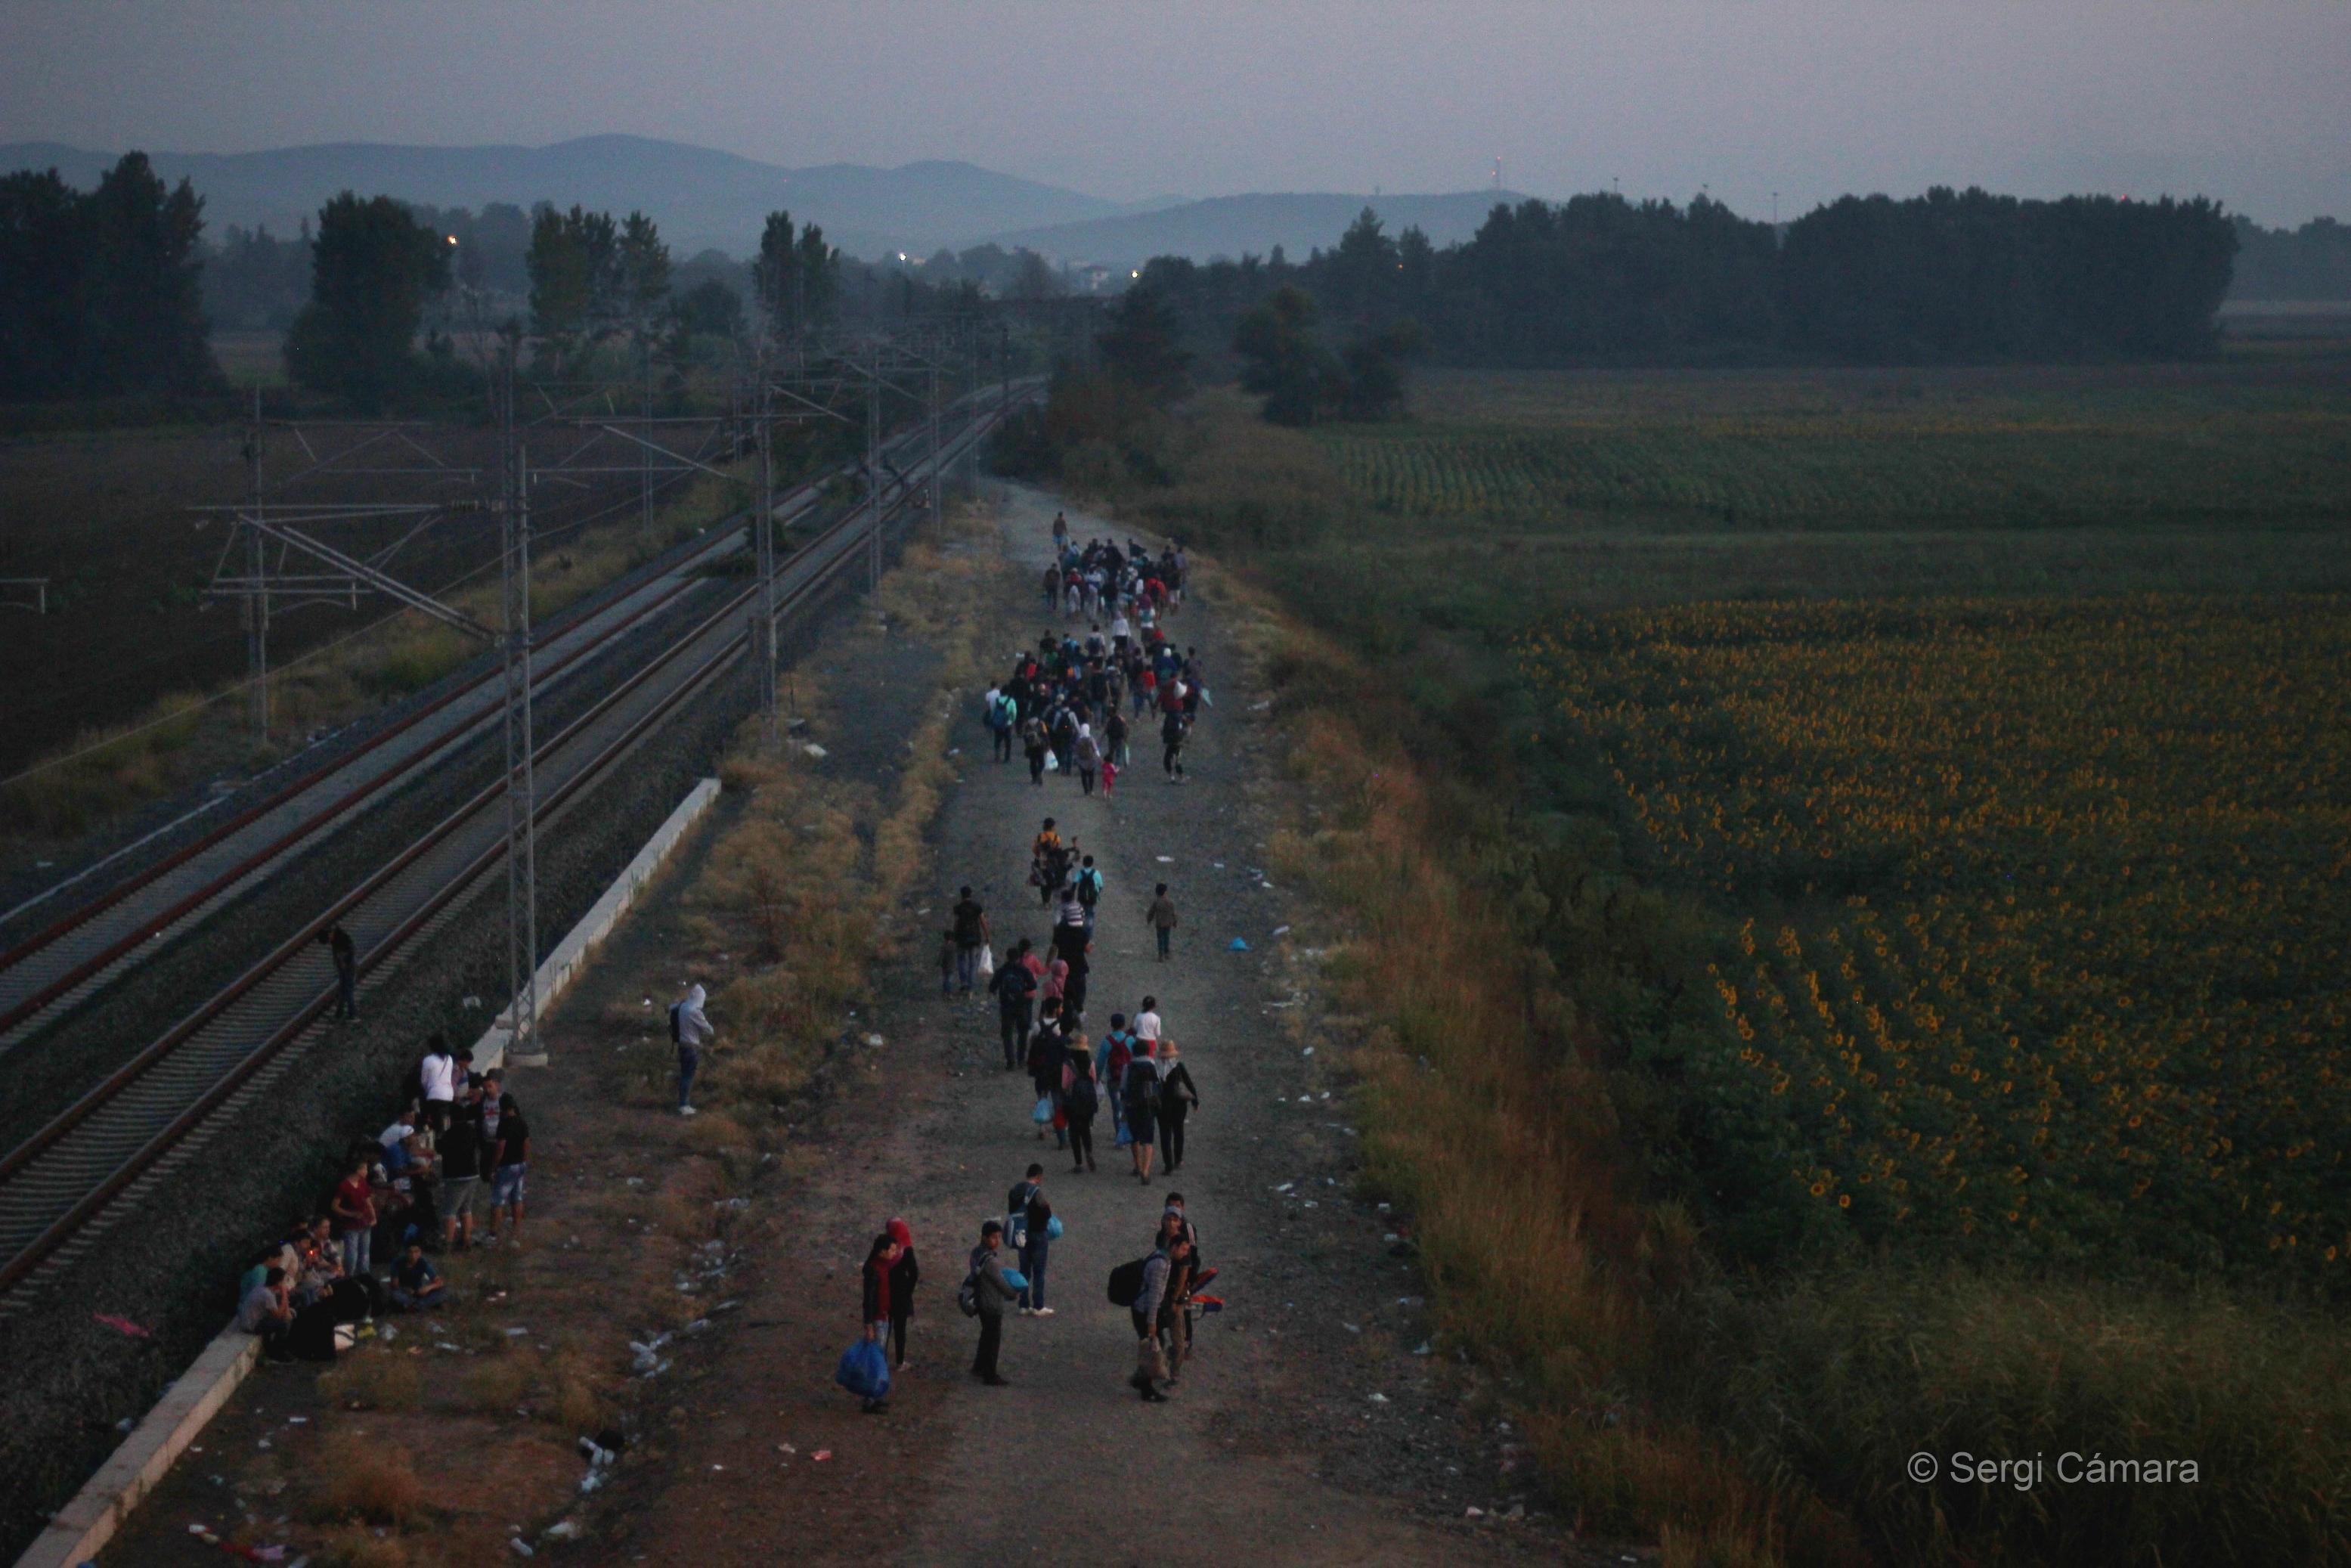 Vídeo 2. Crisis de refugiados en Europa